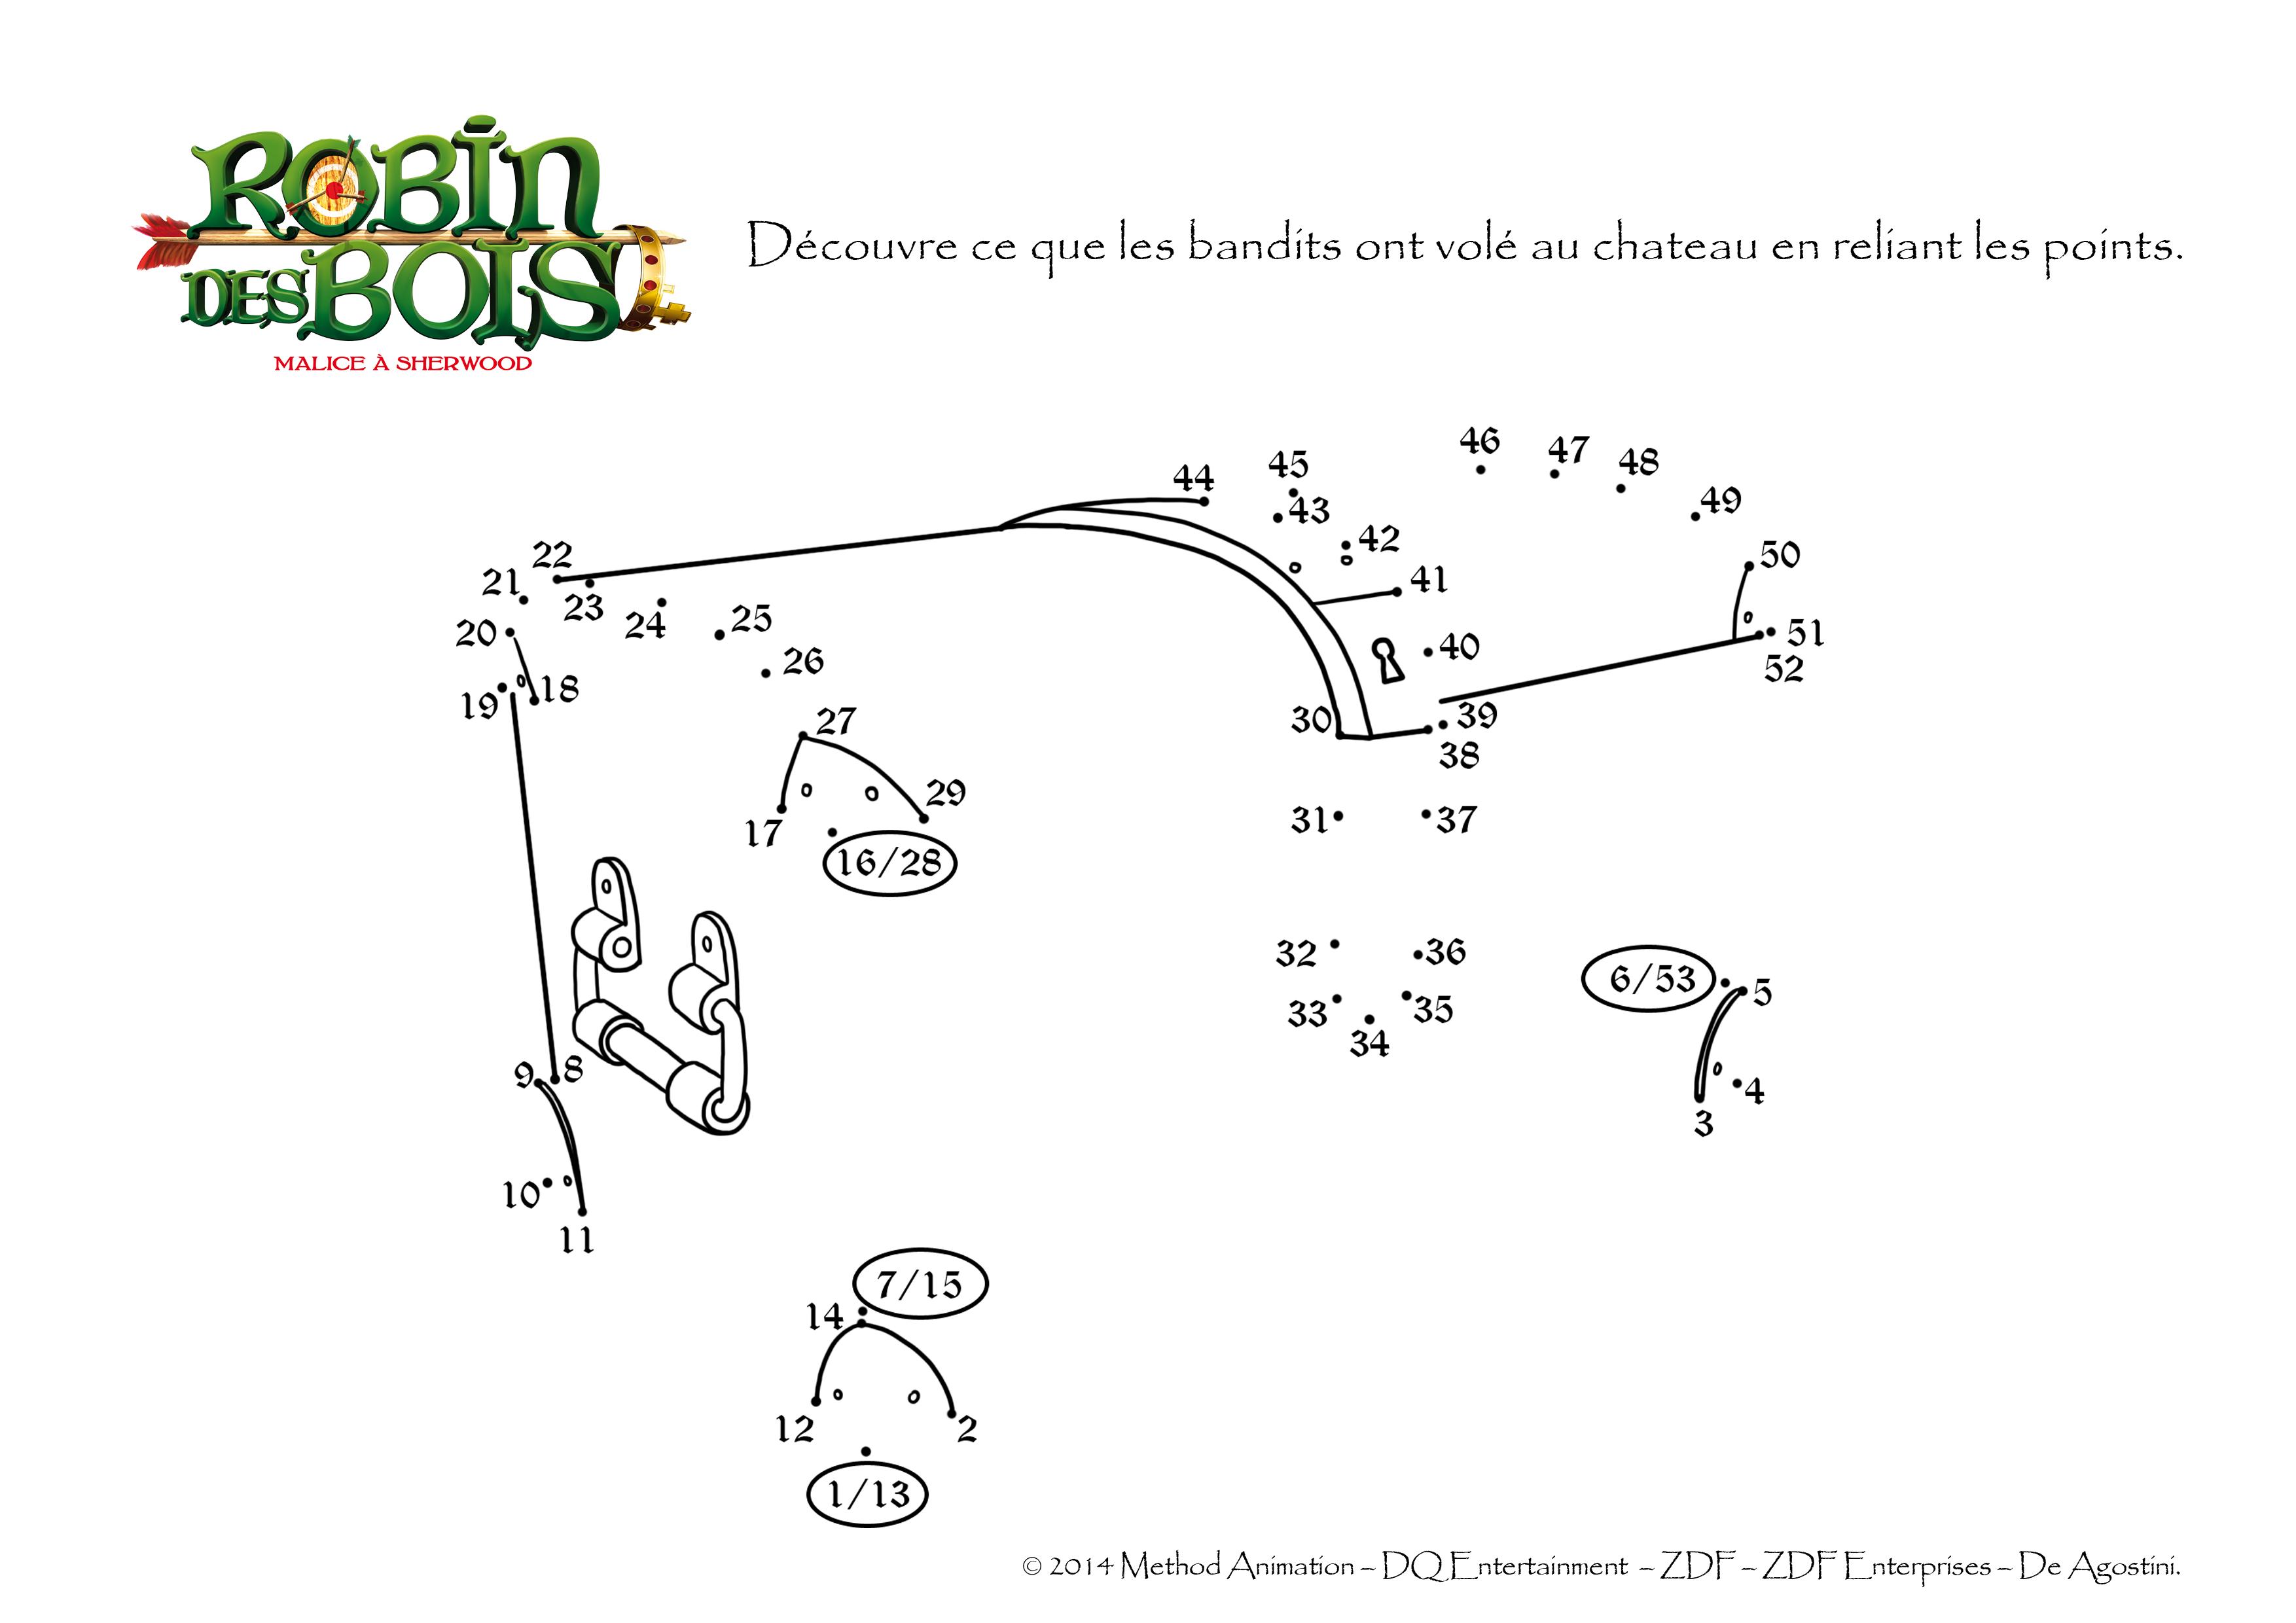 Inspirant Dessin A Imprimer Robin Des Bois